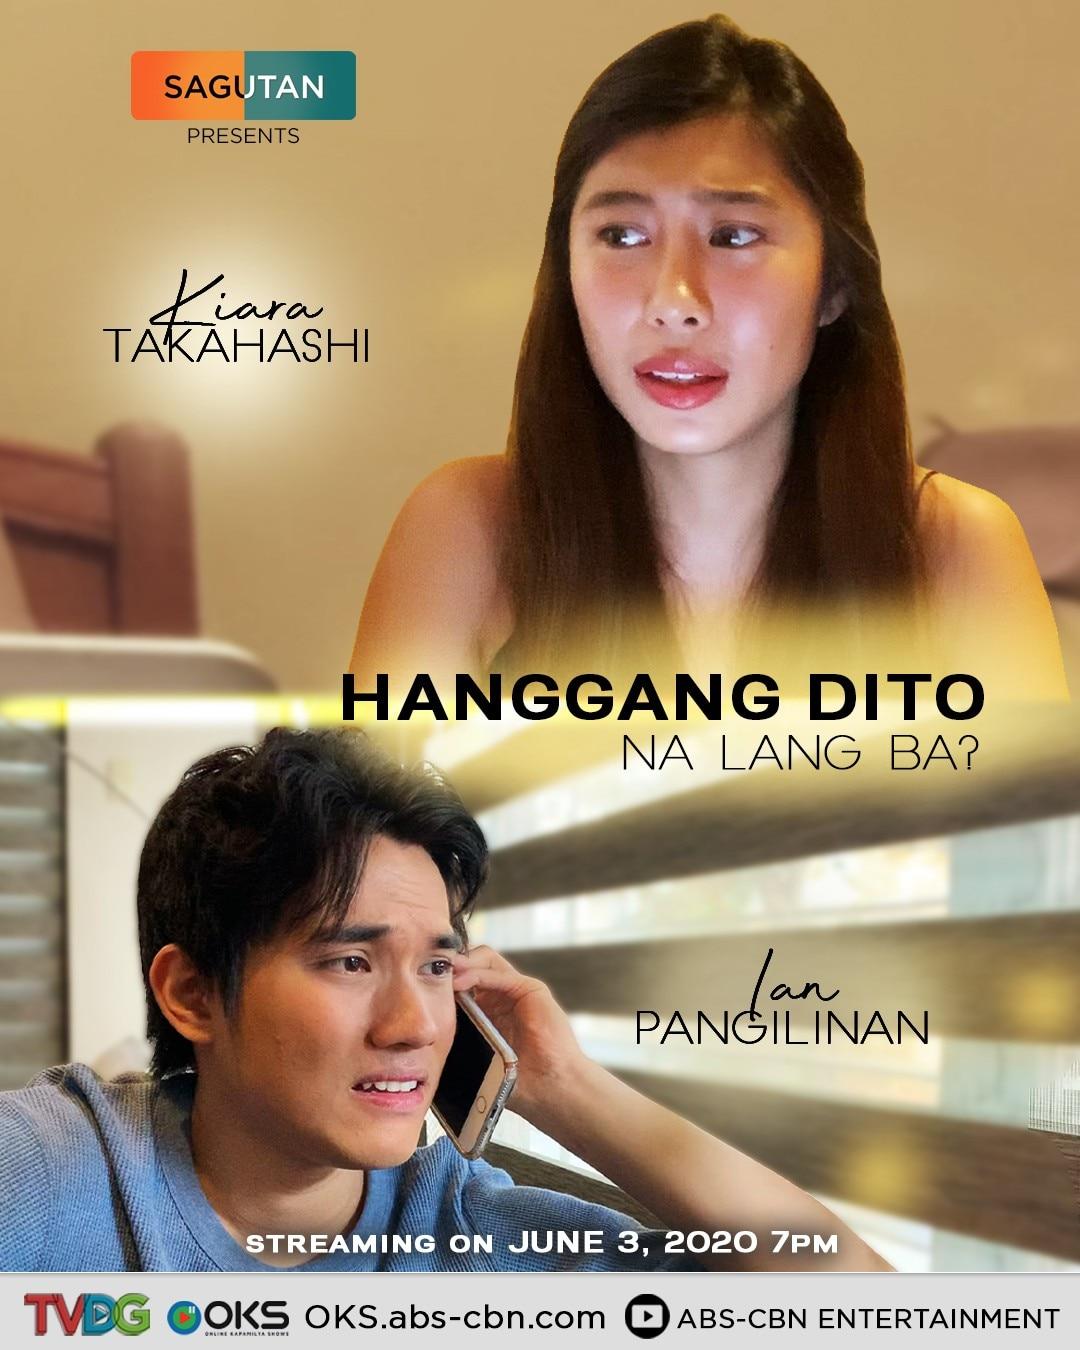 Hanggang Dito na Lang Ba starring Kiara Takahashi and Ian Pangilinan